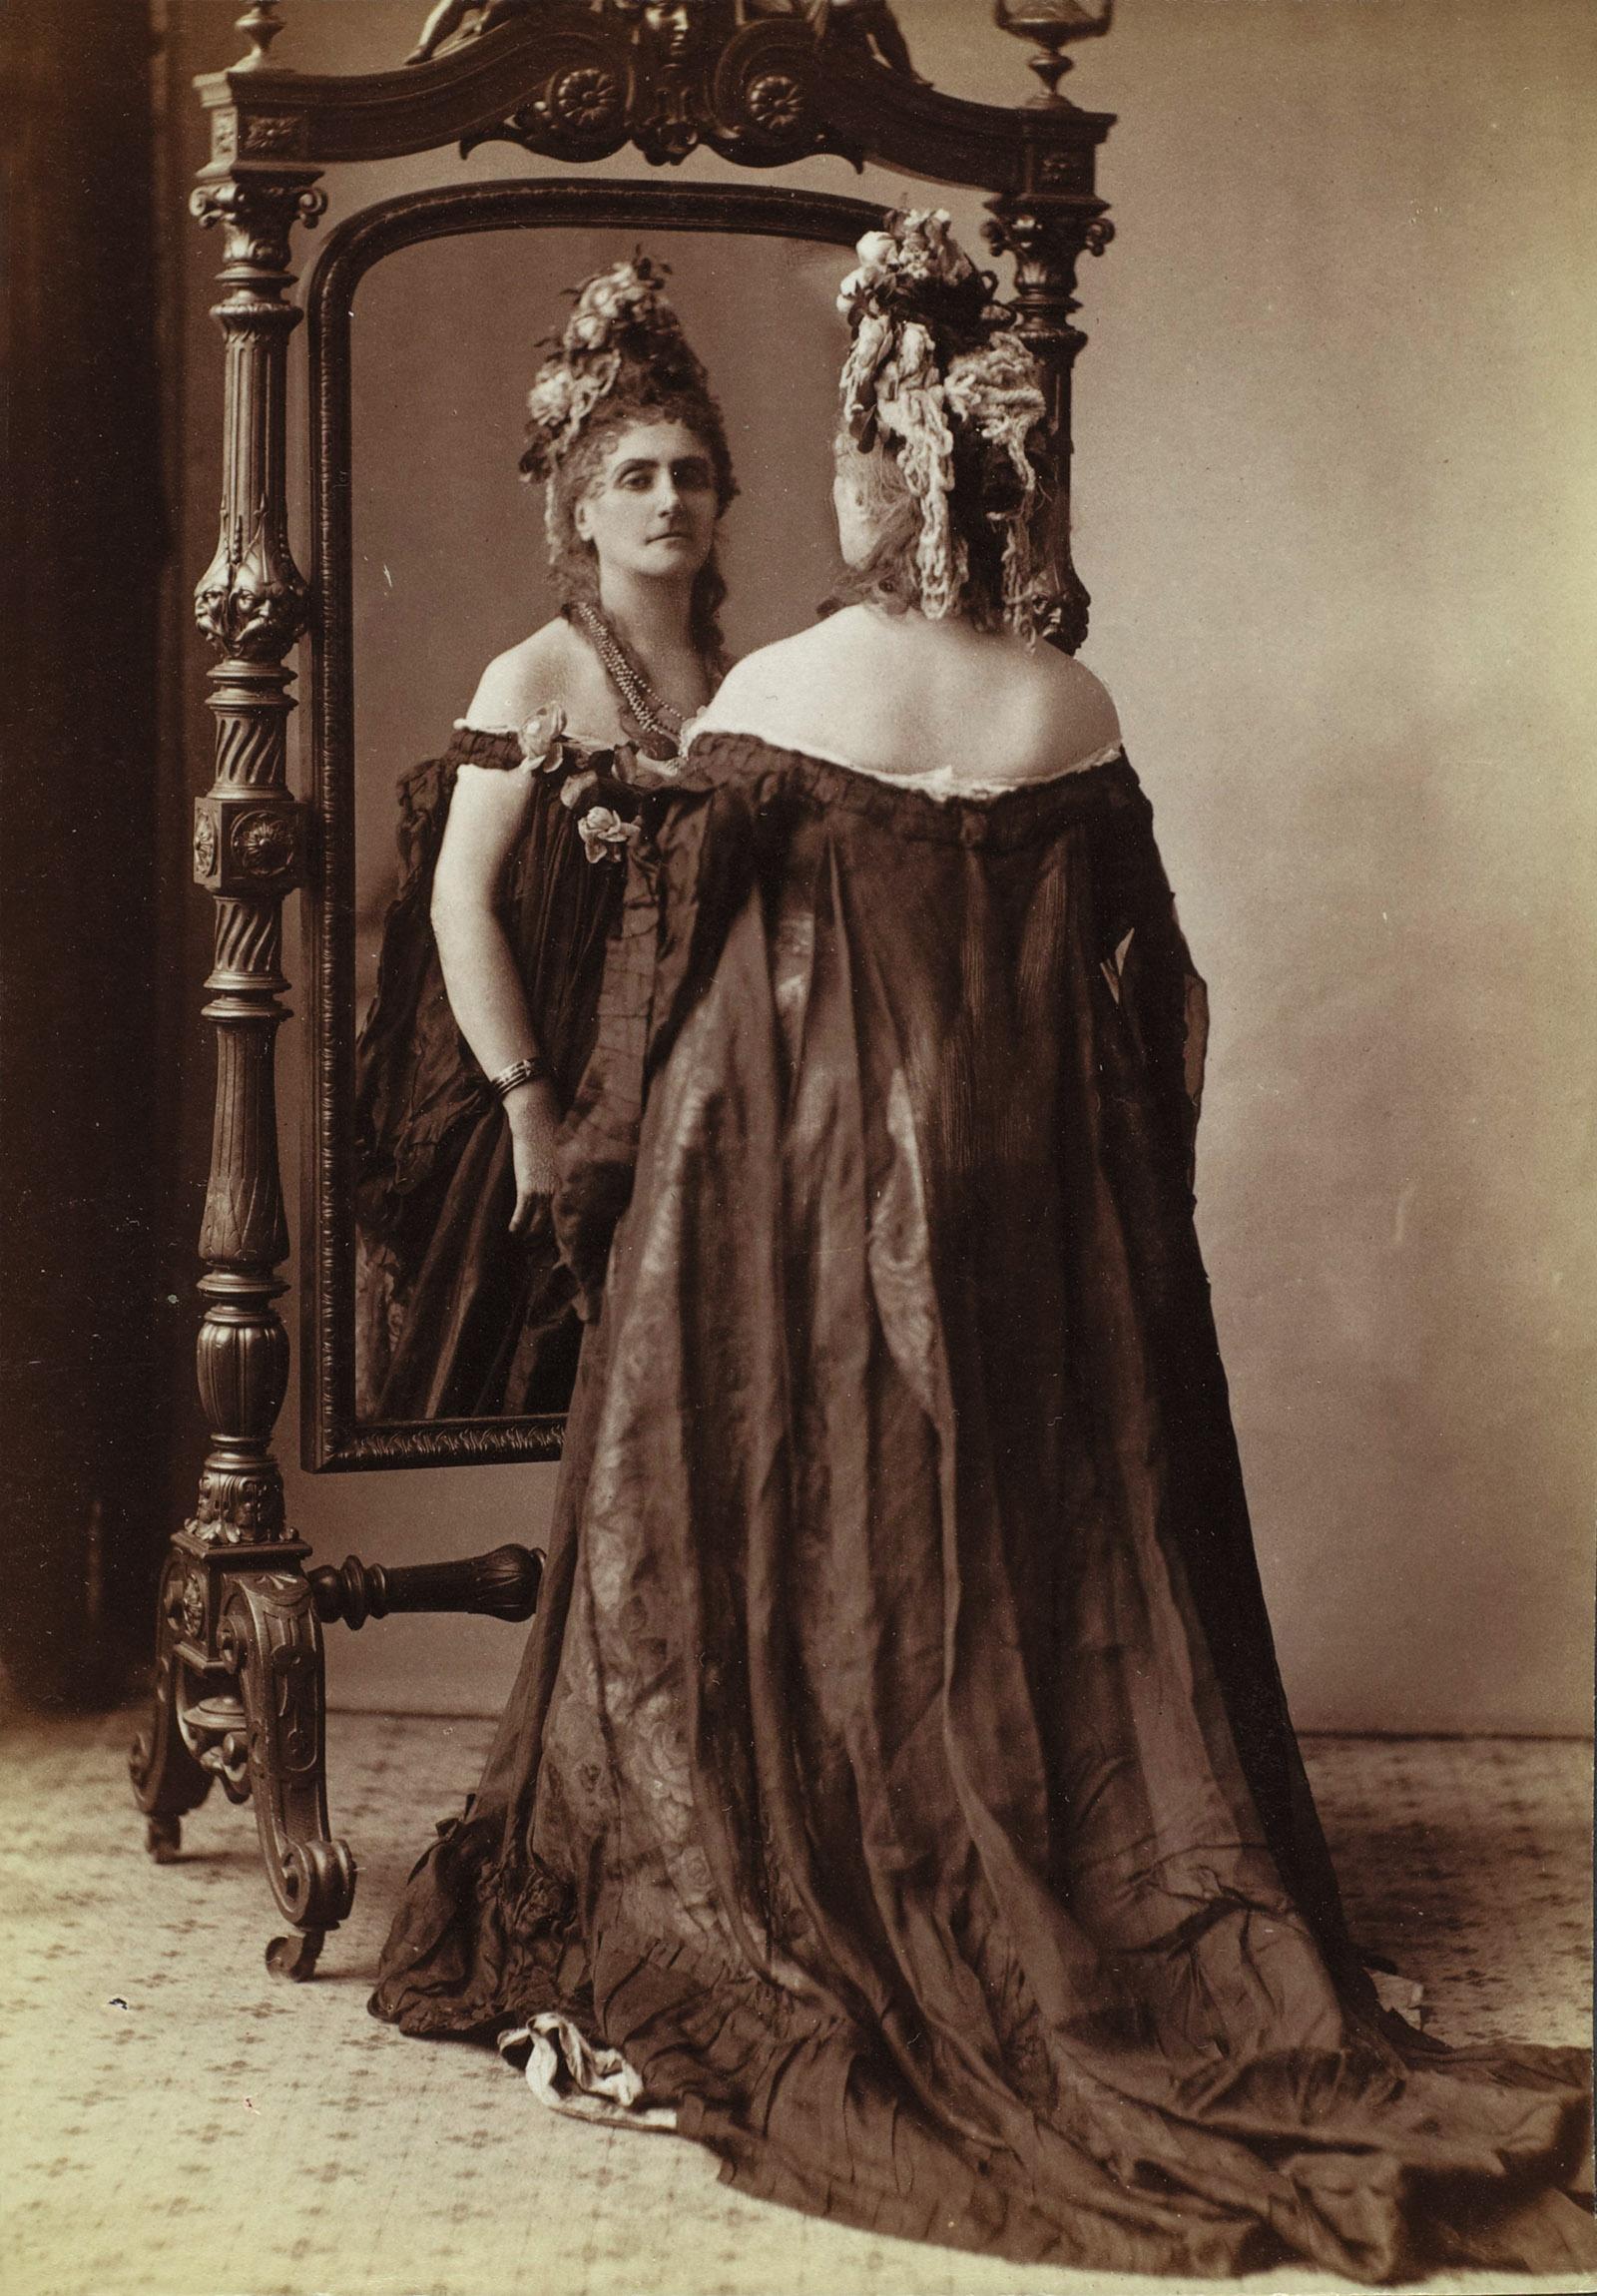 Virginia Oldoïni, Countess of Castiglione; photograph by Pierre-Louis Pierson